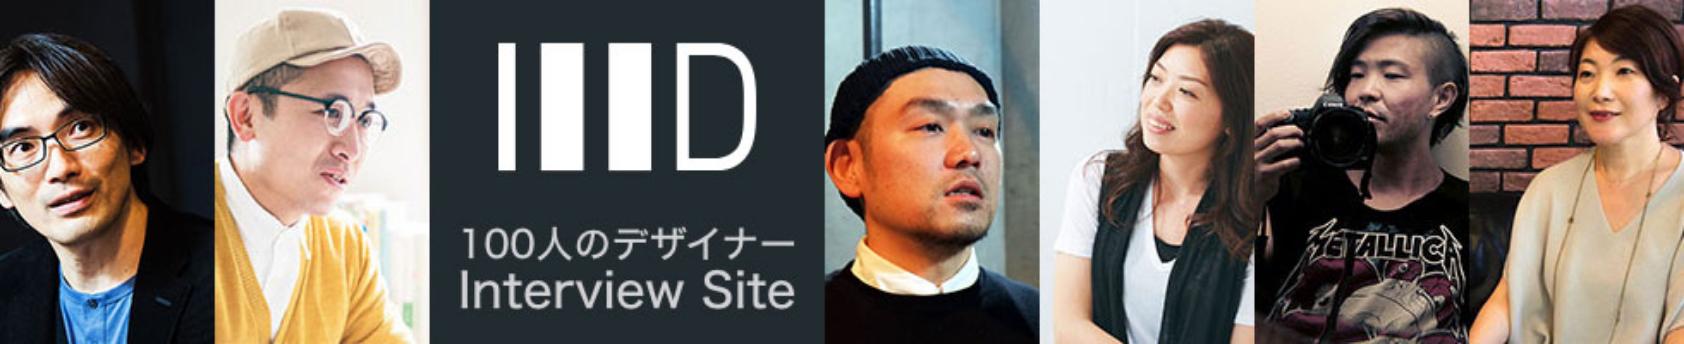 100人のデザイナーインタビュー